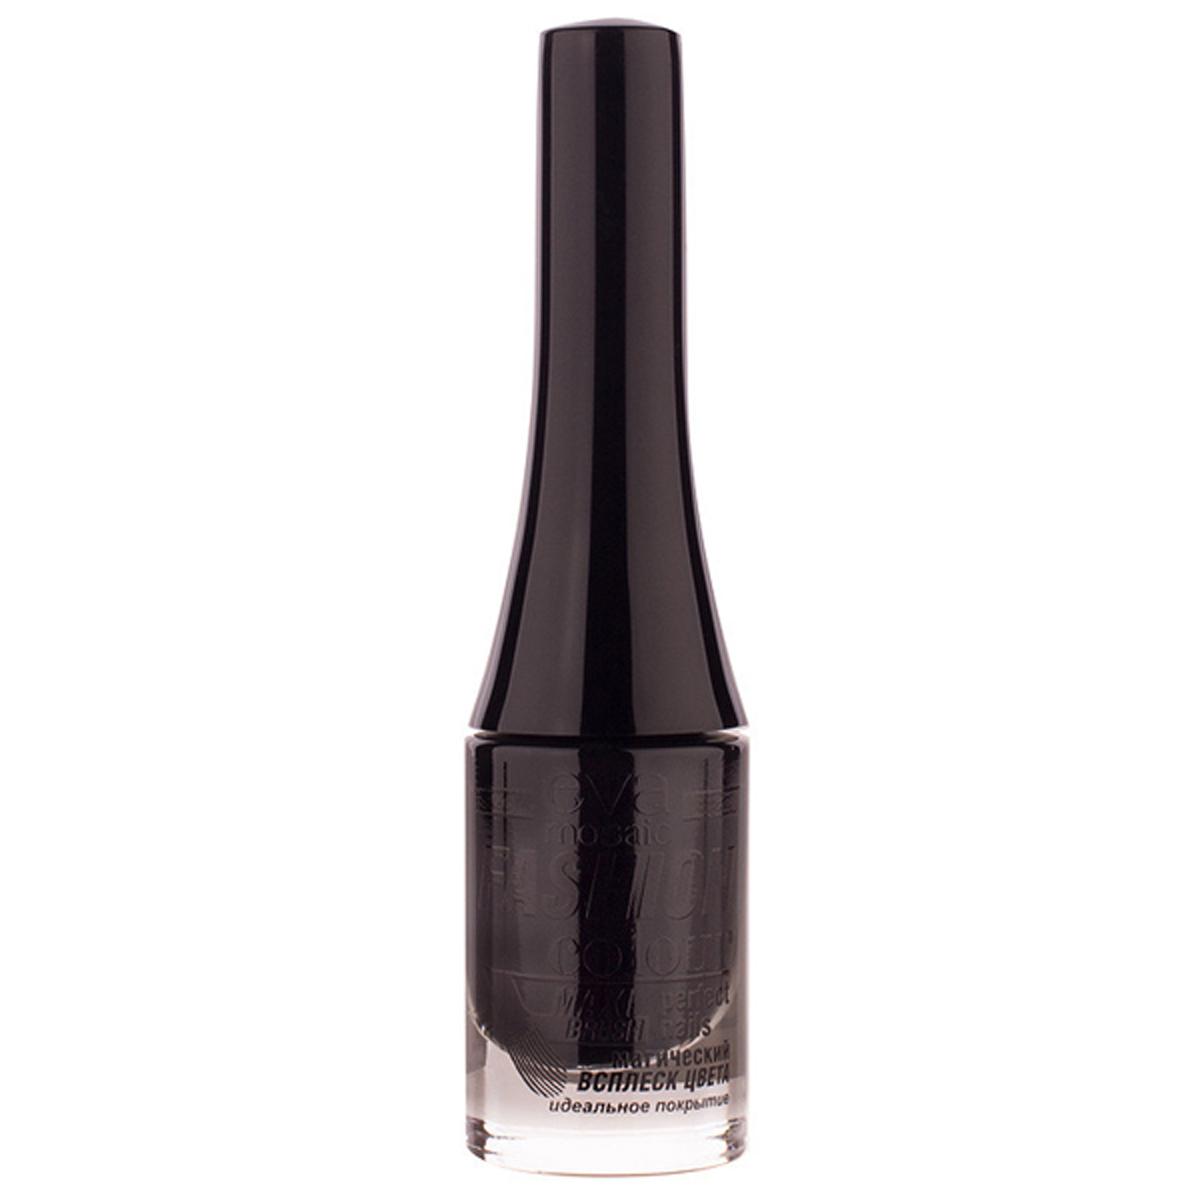 Eva Mosaic Лак для ногтей Fashion Colour, 6 мл, 049 Черная Ночь685382Стойкие лаки для ногтей в экономичной упаковке небольшого объема - лак не успеет надоесть или загустеть! Огромный спектр оттенков - от сдержанной классики до самых смелых современных тенденций. - легко наносятся и быстро сохнут - обладают высокой стойкостью и зеркальным блеском - эргономичная плоская кисть для быстрого, аккуратного и точного нанесения.